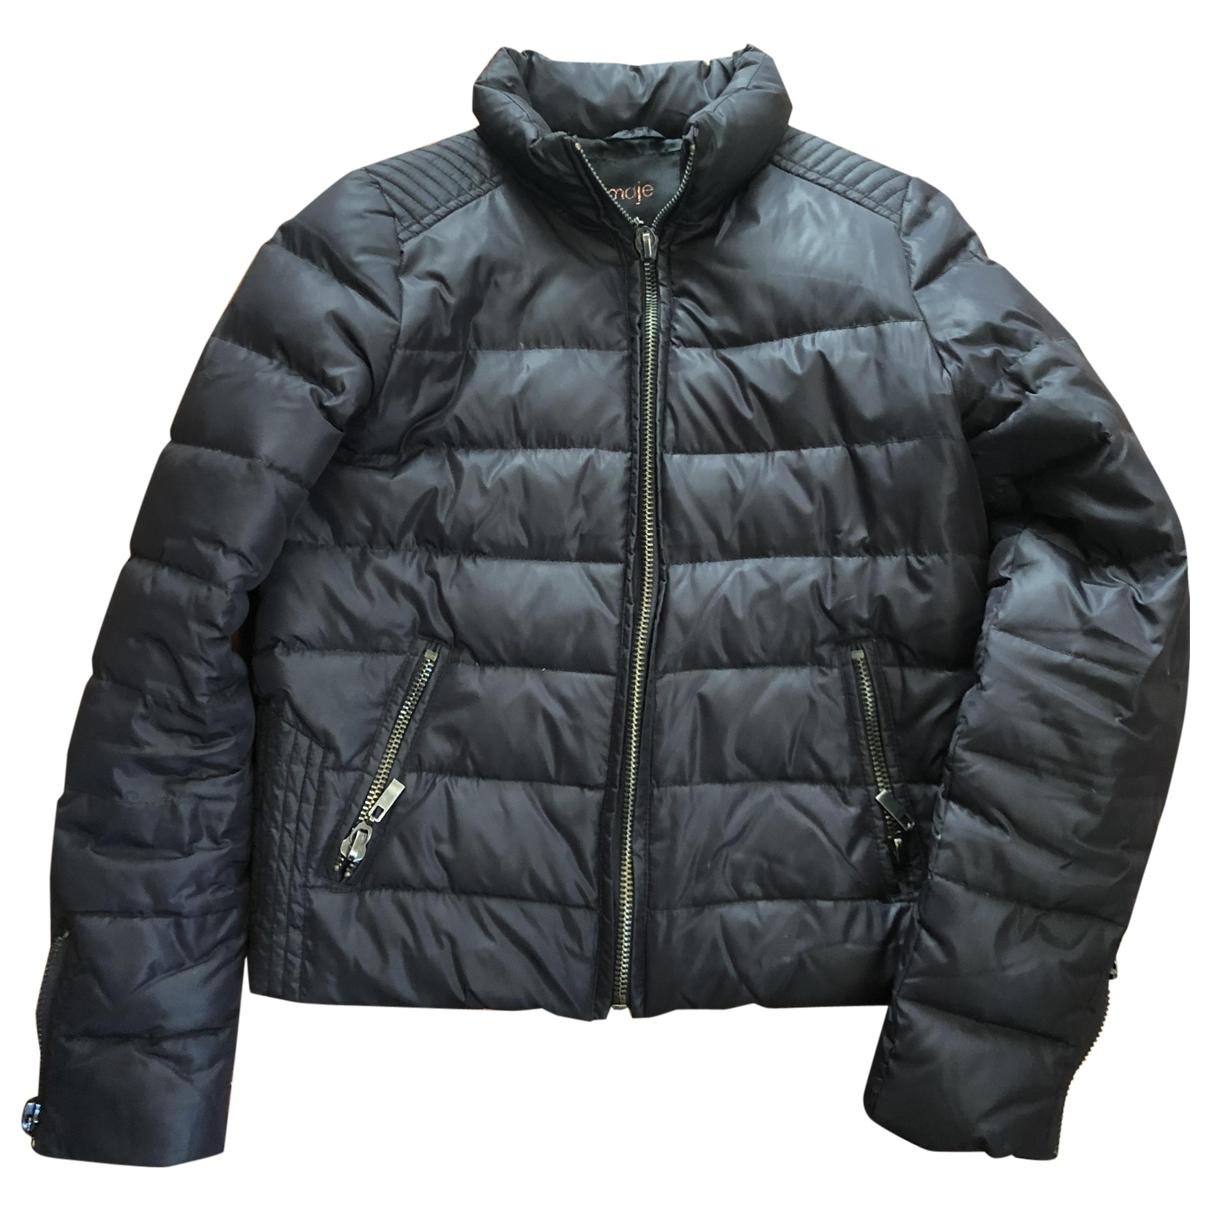 Maje \N Black coat for Women S International